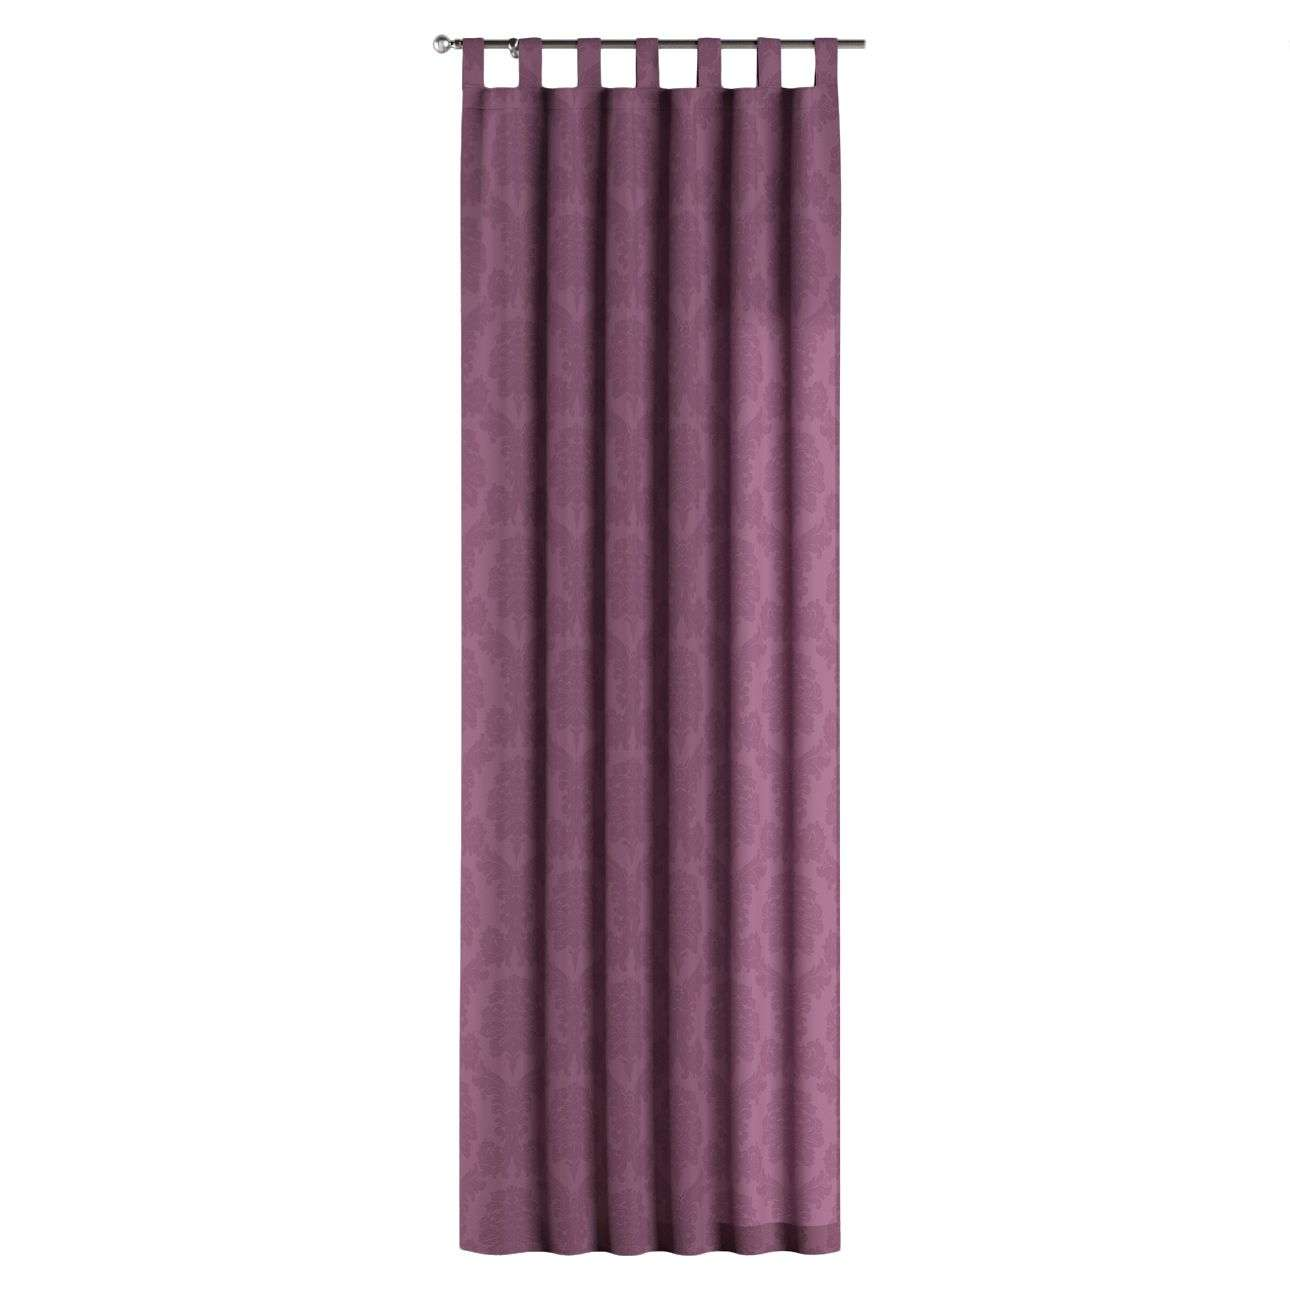 Gardin med hällor 1 längd 130 x 260 cm i kollektionen Damasco, Tyg: 613-75